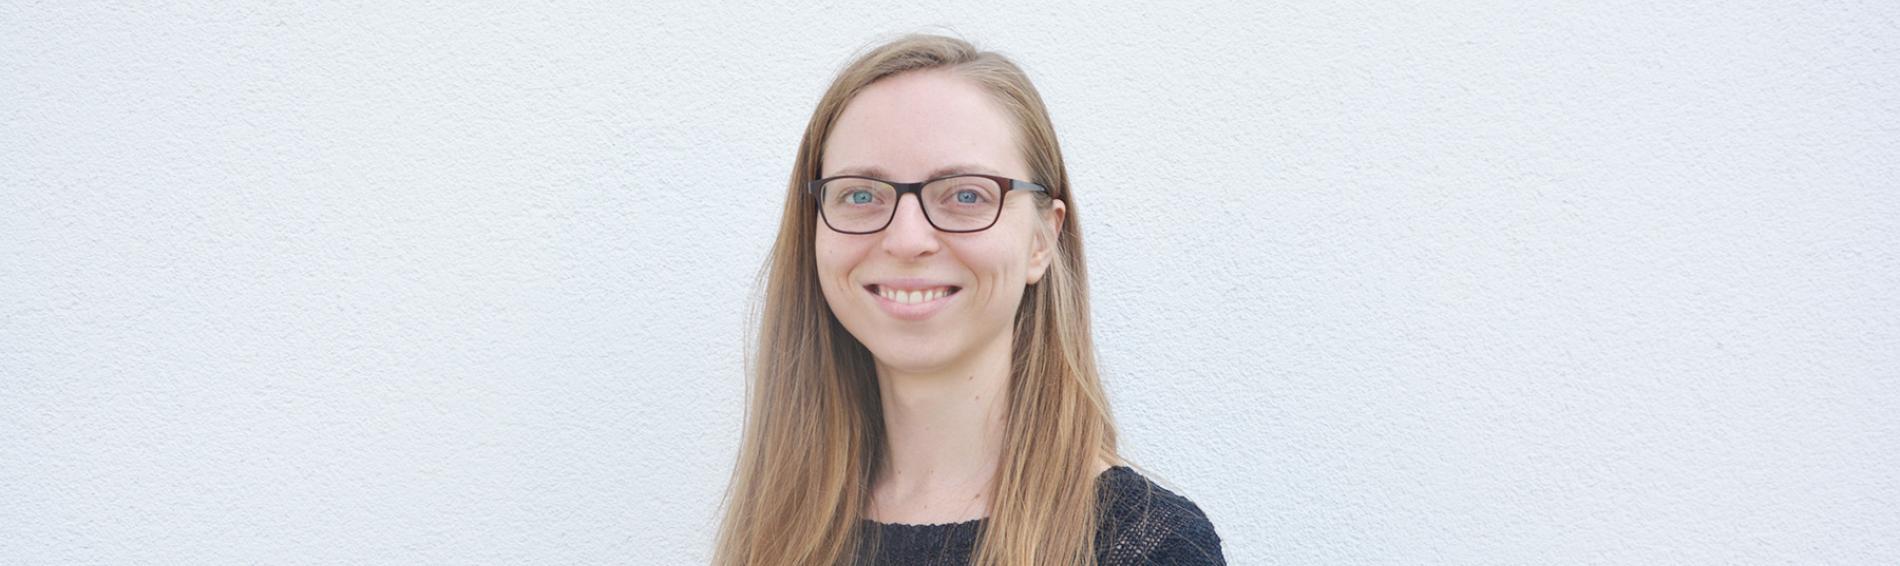 Annemarie Weber, Projektreferentin open.med München. Foto: Ärzte der Welt